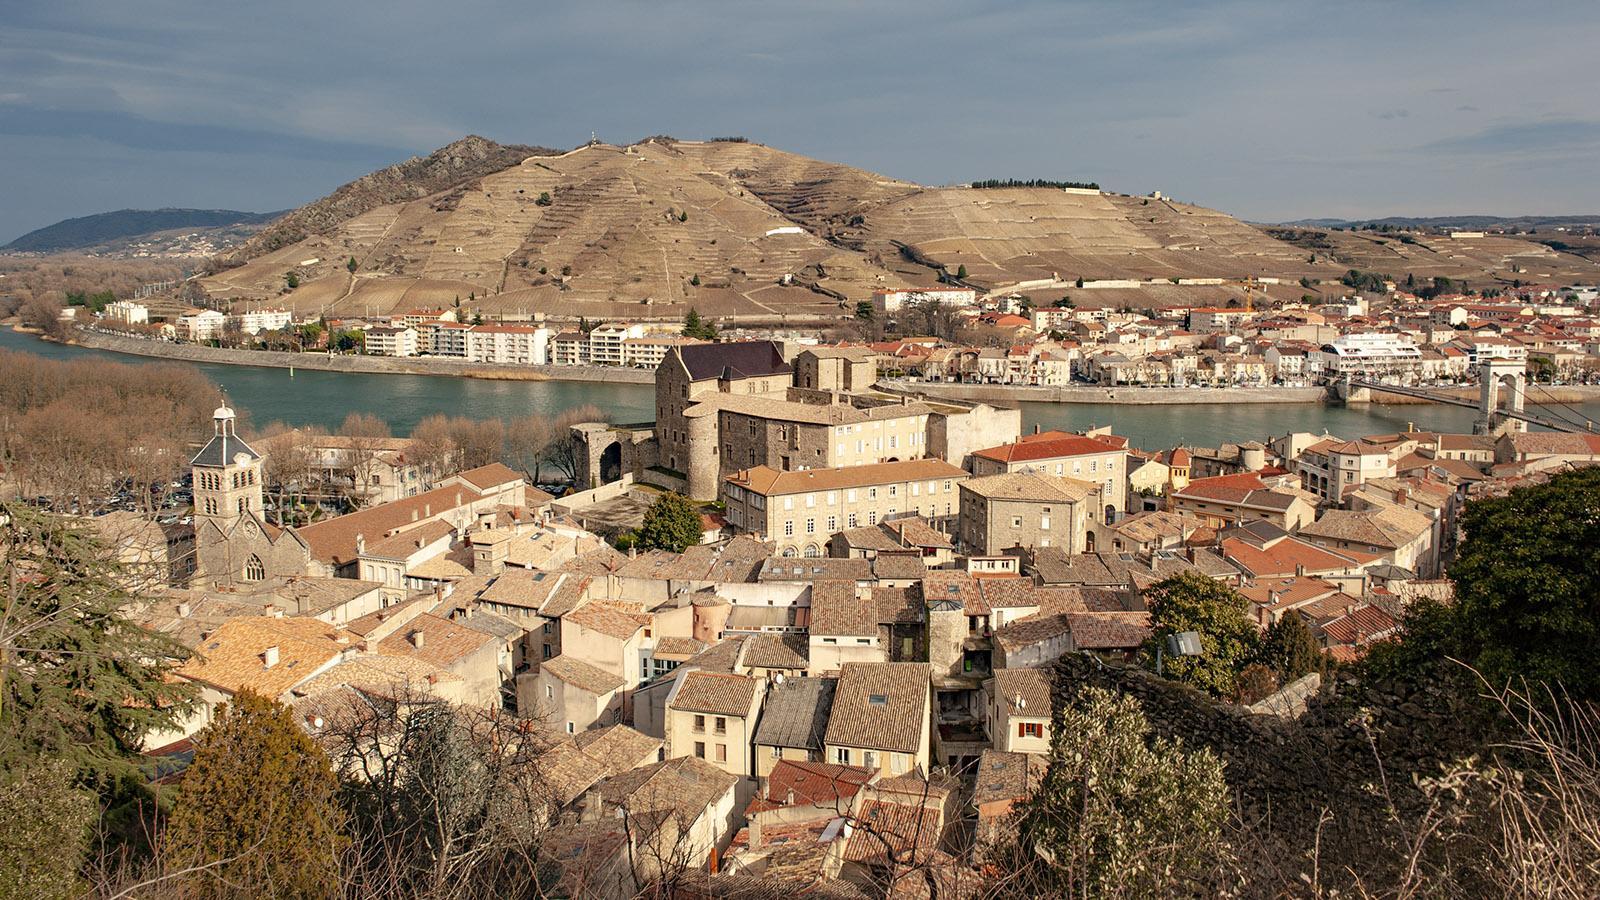 Tournon: Blick auf das Burgschloss von Tournon und Tain-l'Hermitage am anderen Ufer der Rhône. Foto: Hilke Maunder